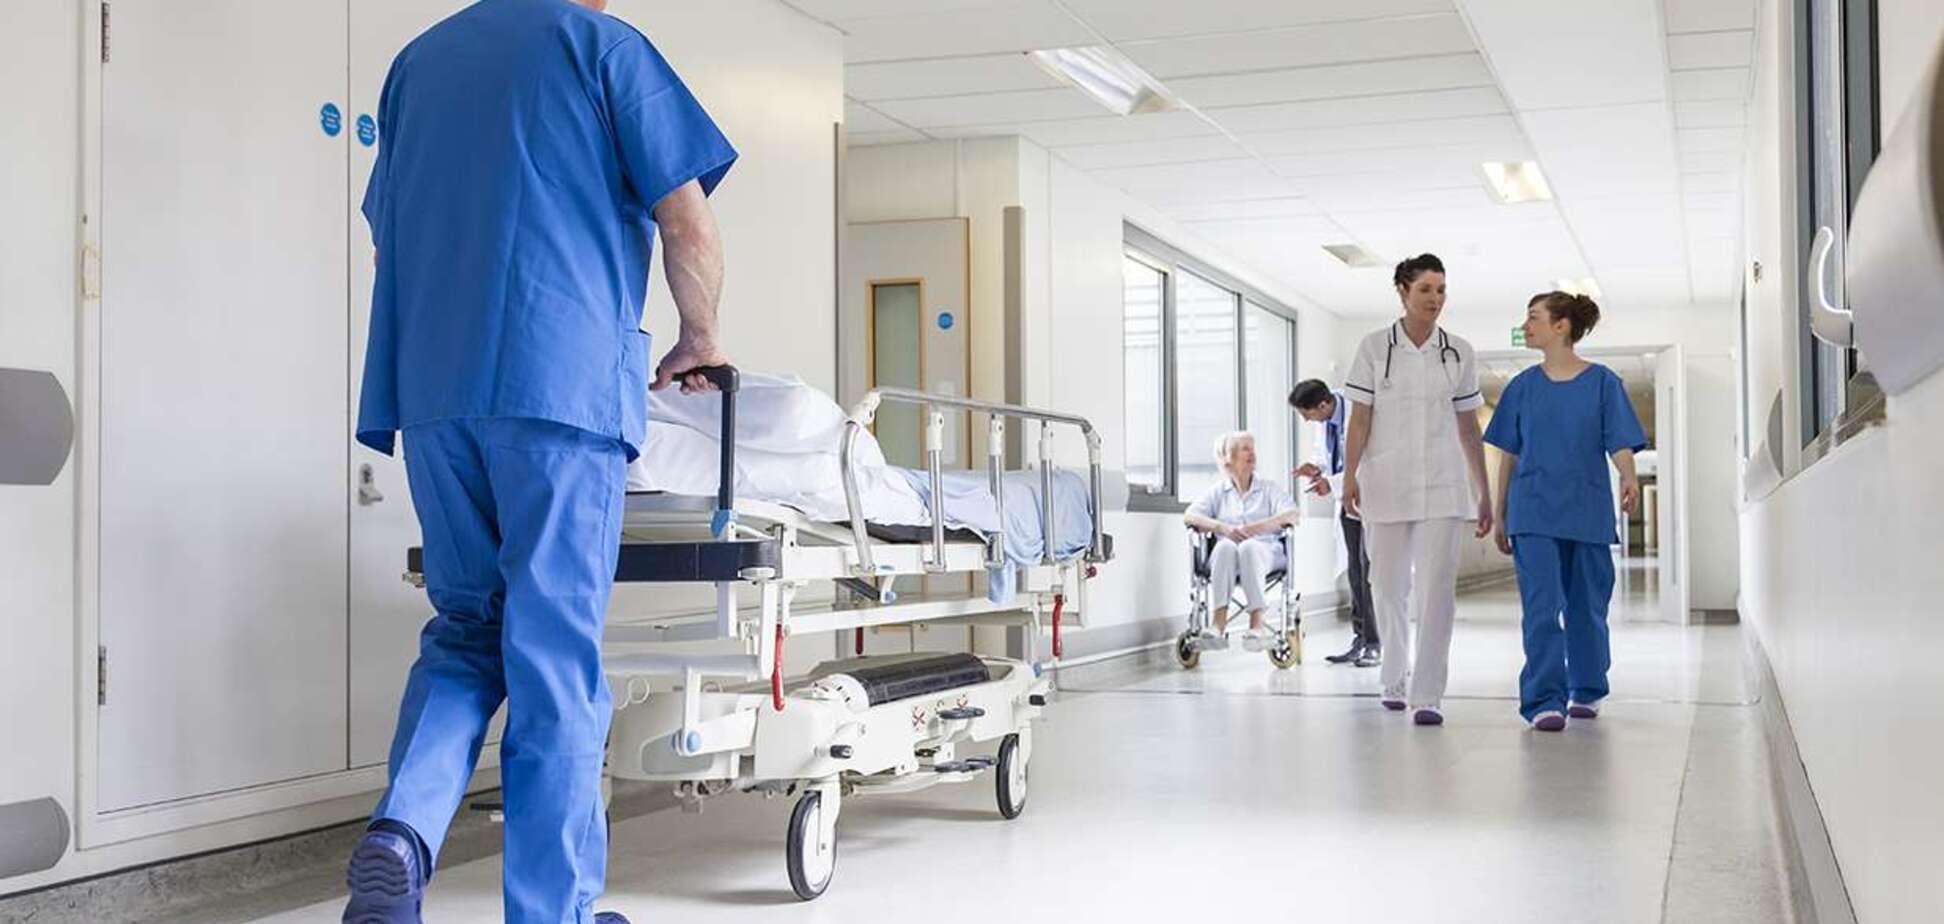 'Могильный' дизайн в больнице на Львовщине вызвал волну насмешек